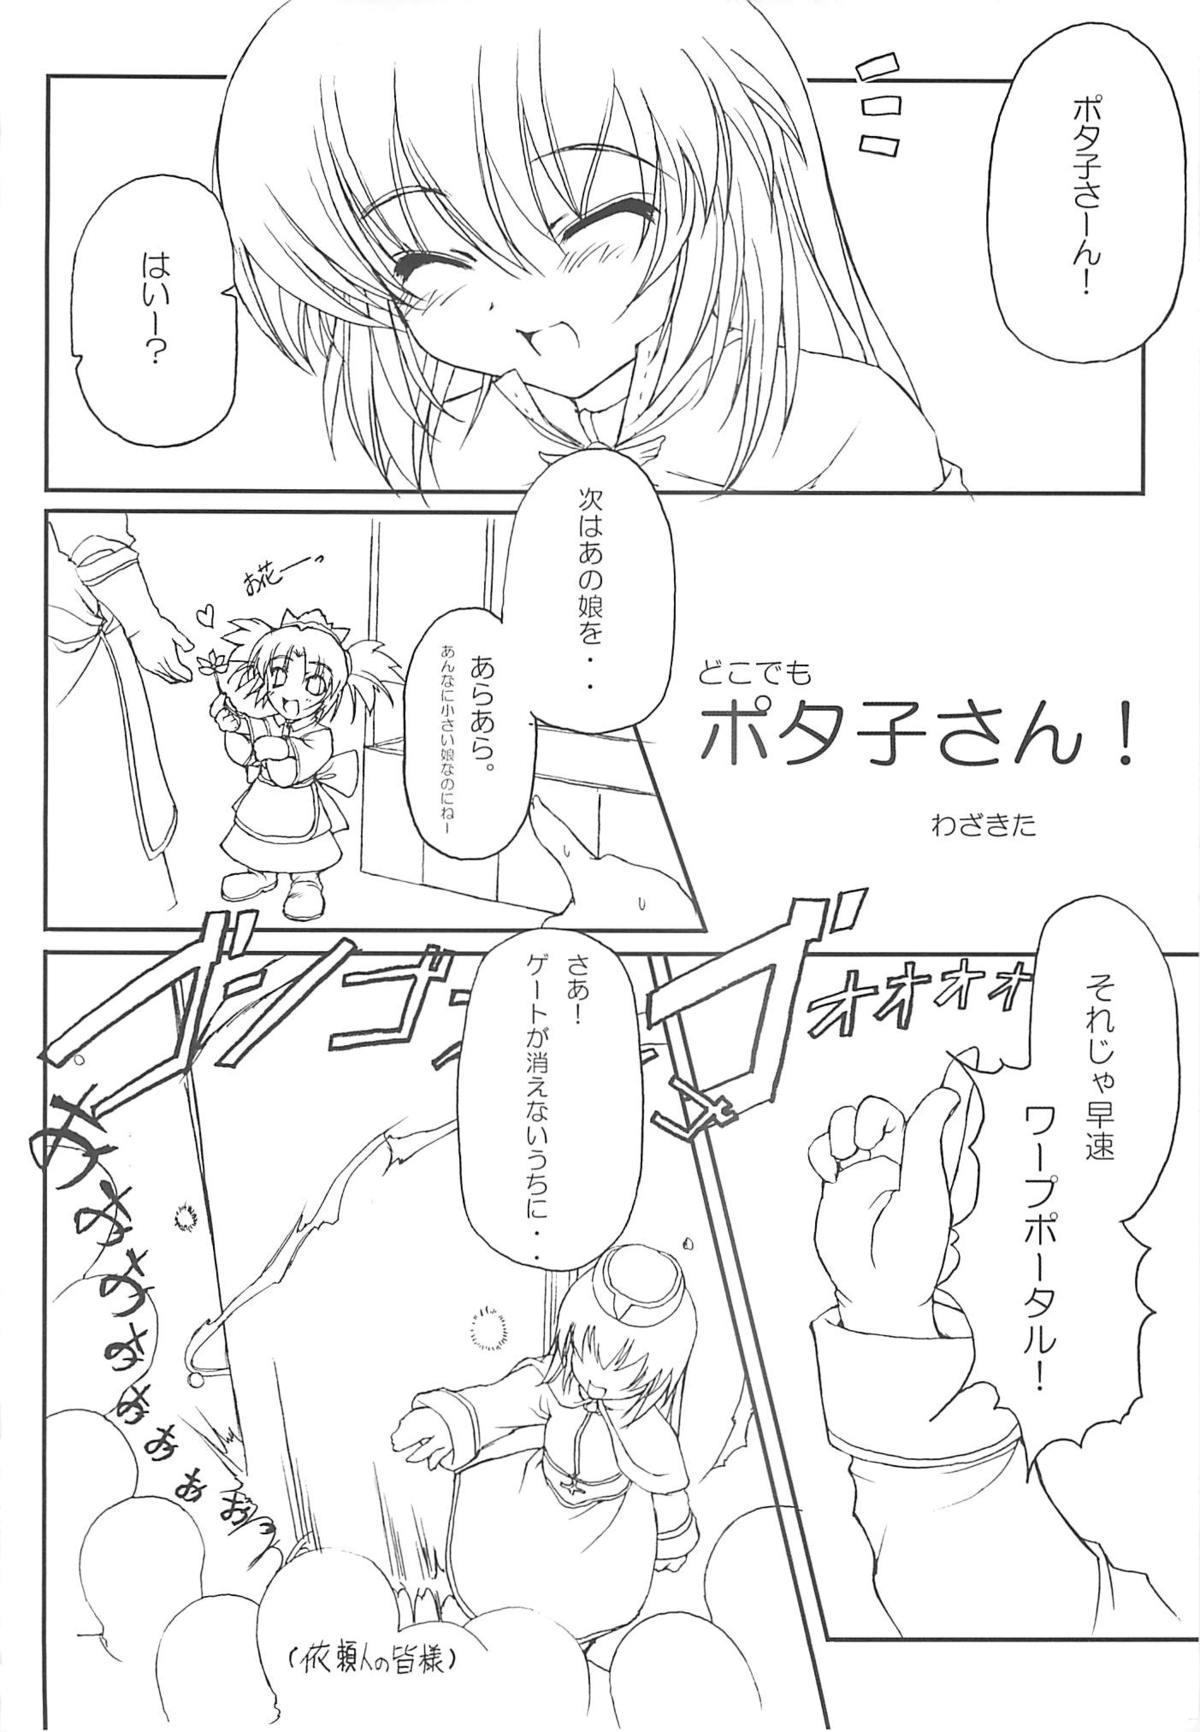 Hajimete no Juuryoku 15